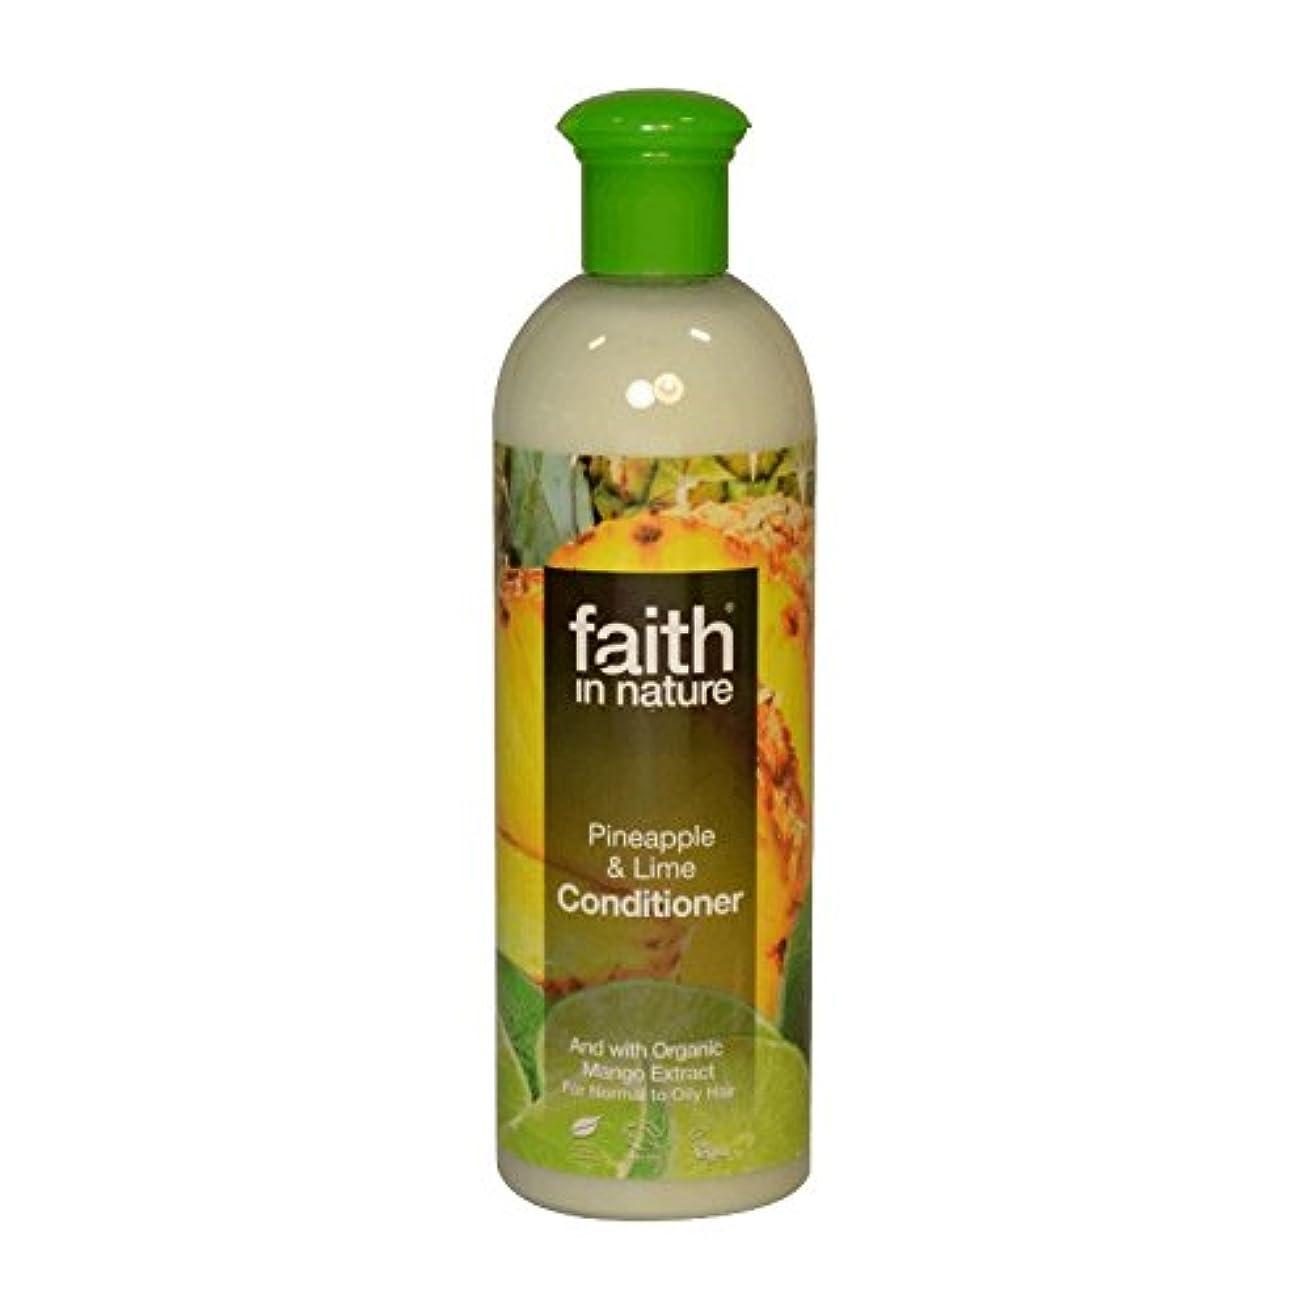 乳ロケット時制自然パイナップル&ライムコンディショナー400ミリリットルの信仰 - Faith in Nature Pineapple & Lime Conditioner 400ml (Faith in Nature) [並行輸入品]